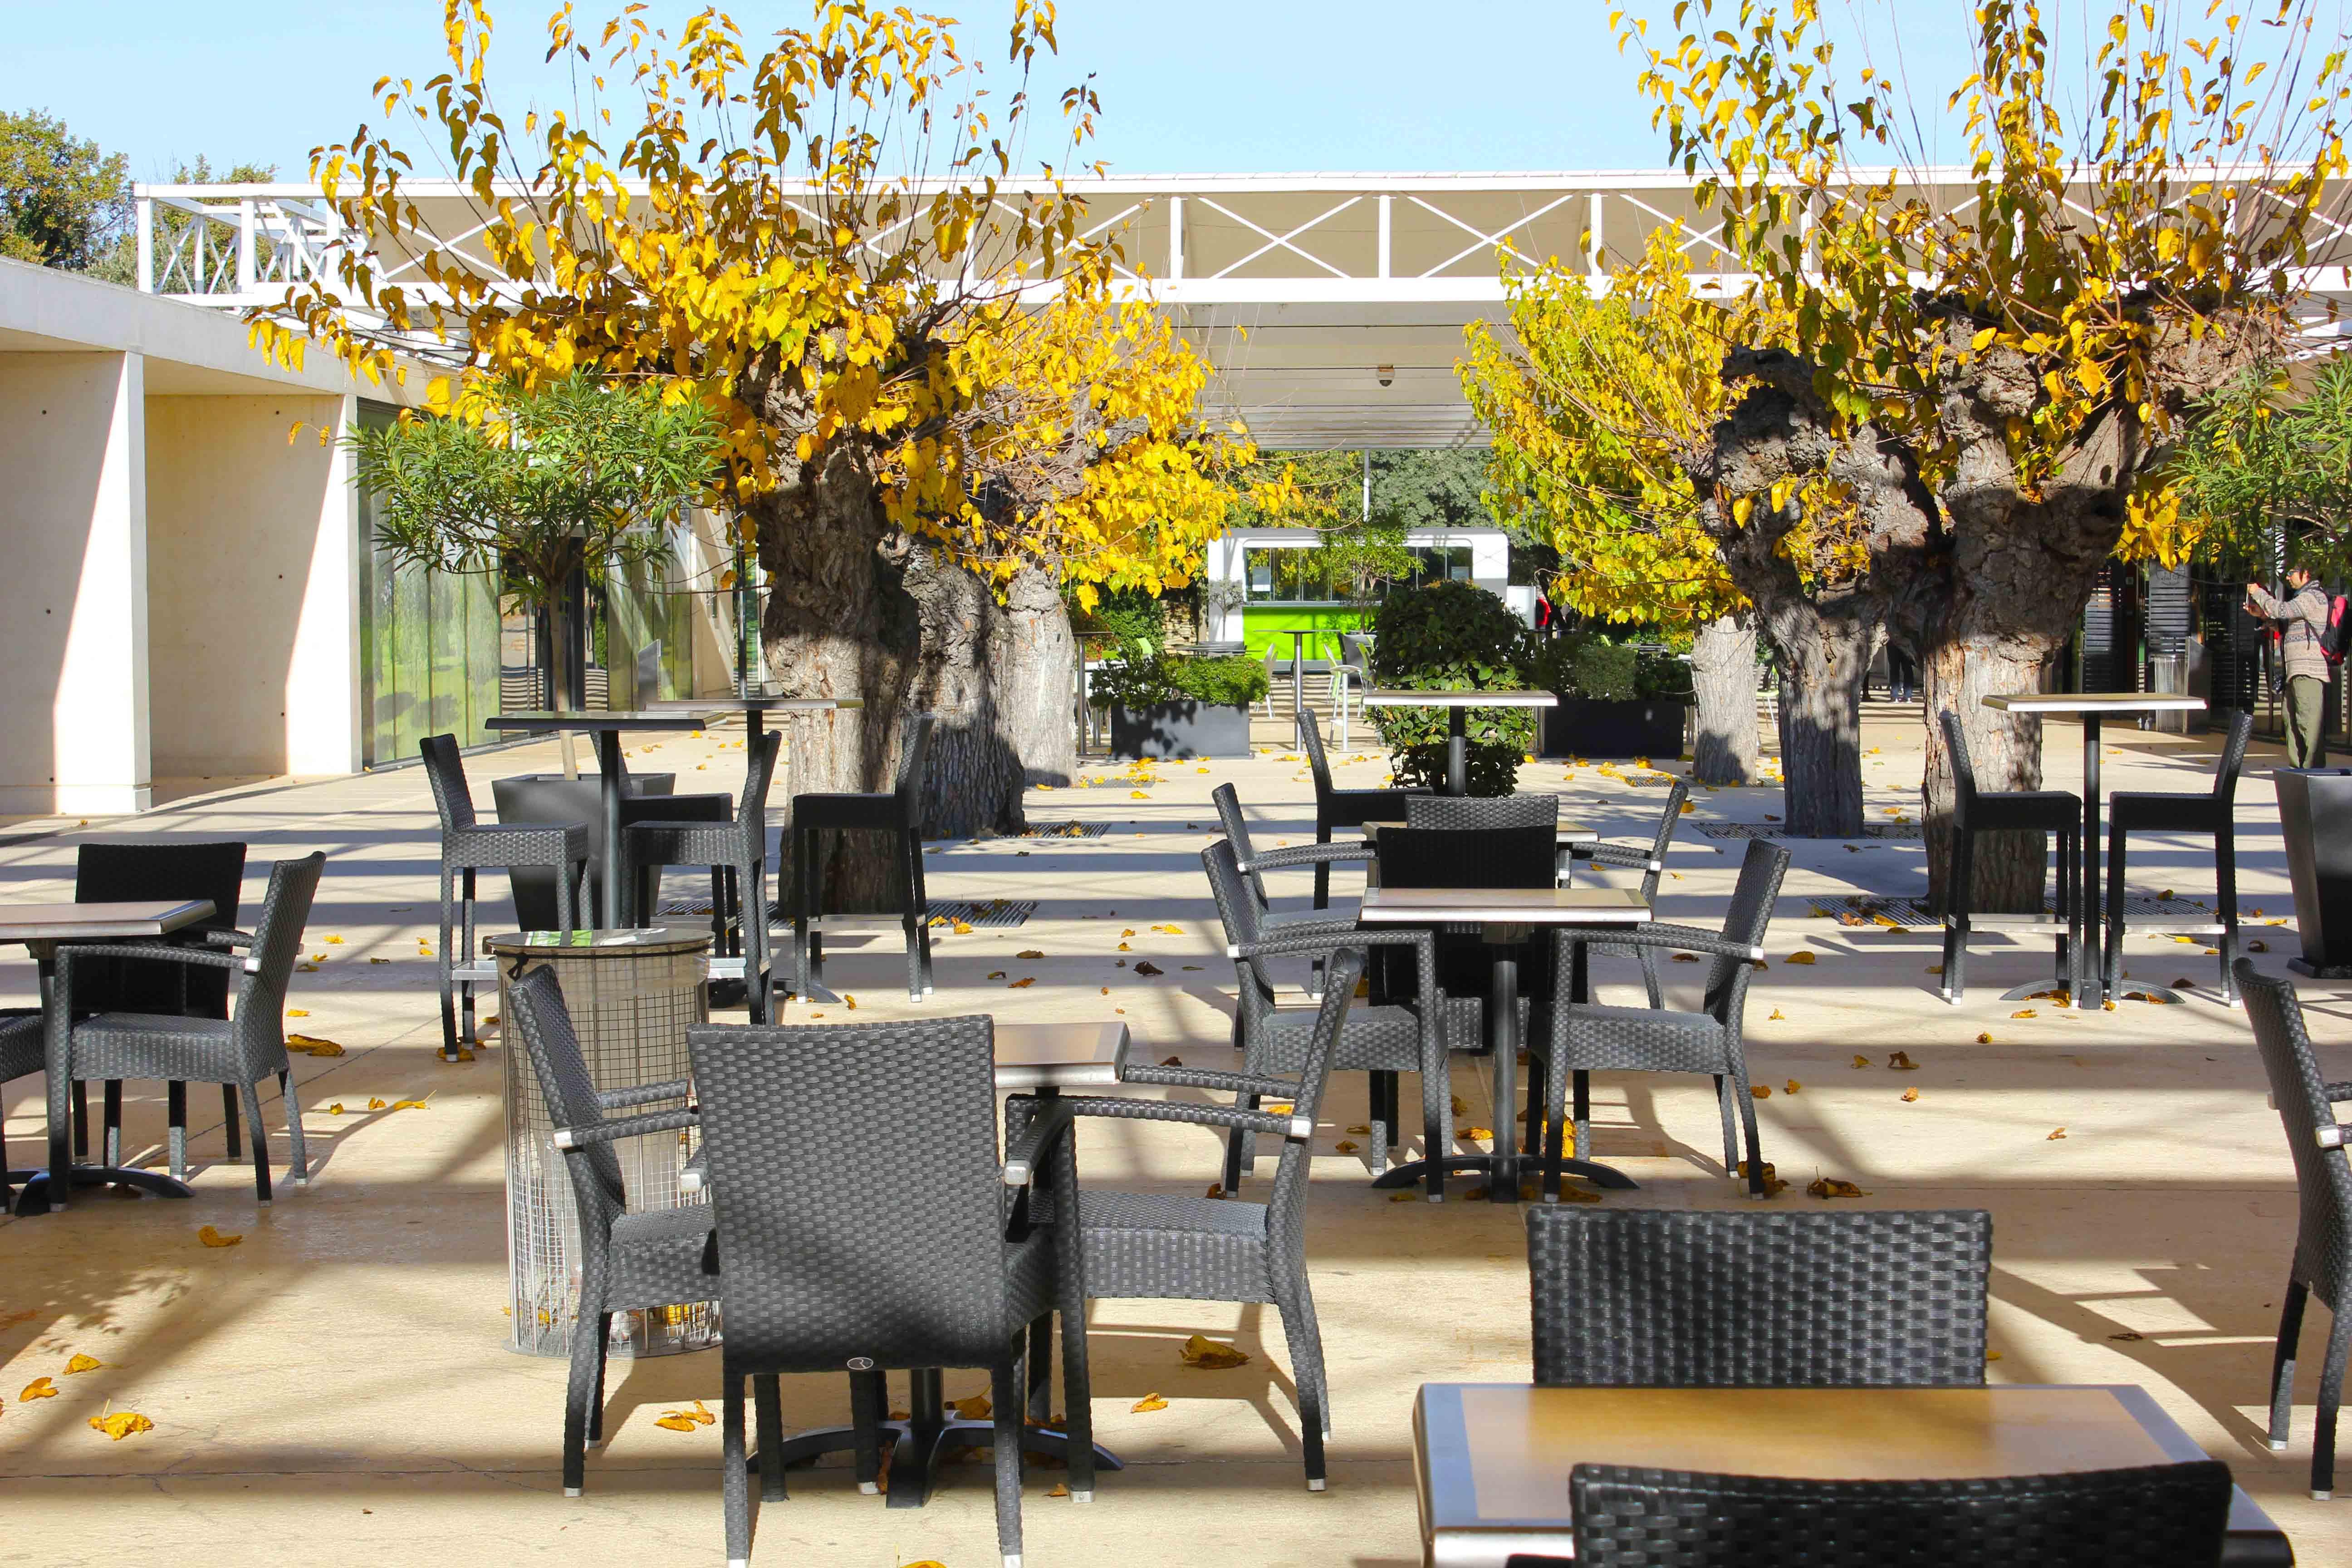 Área entre o centro de informações, cafés, lojas e o museu. Ali é possivel se refrescar e descansar antes da subida aos arcos do aqueduto